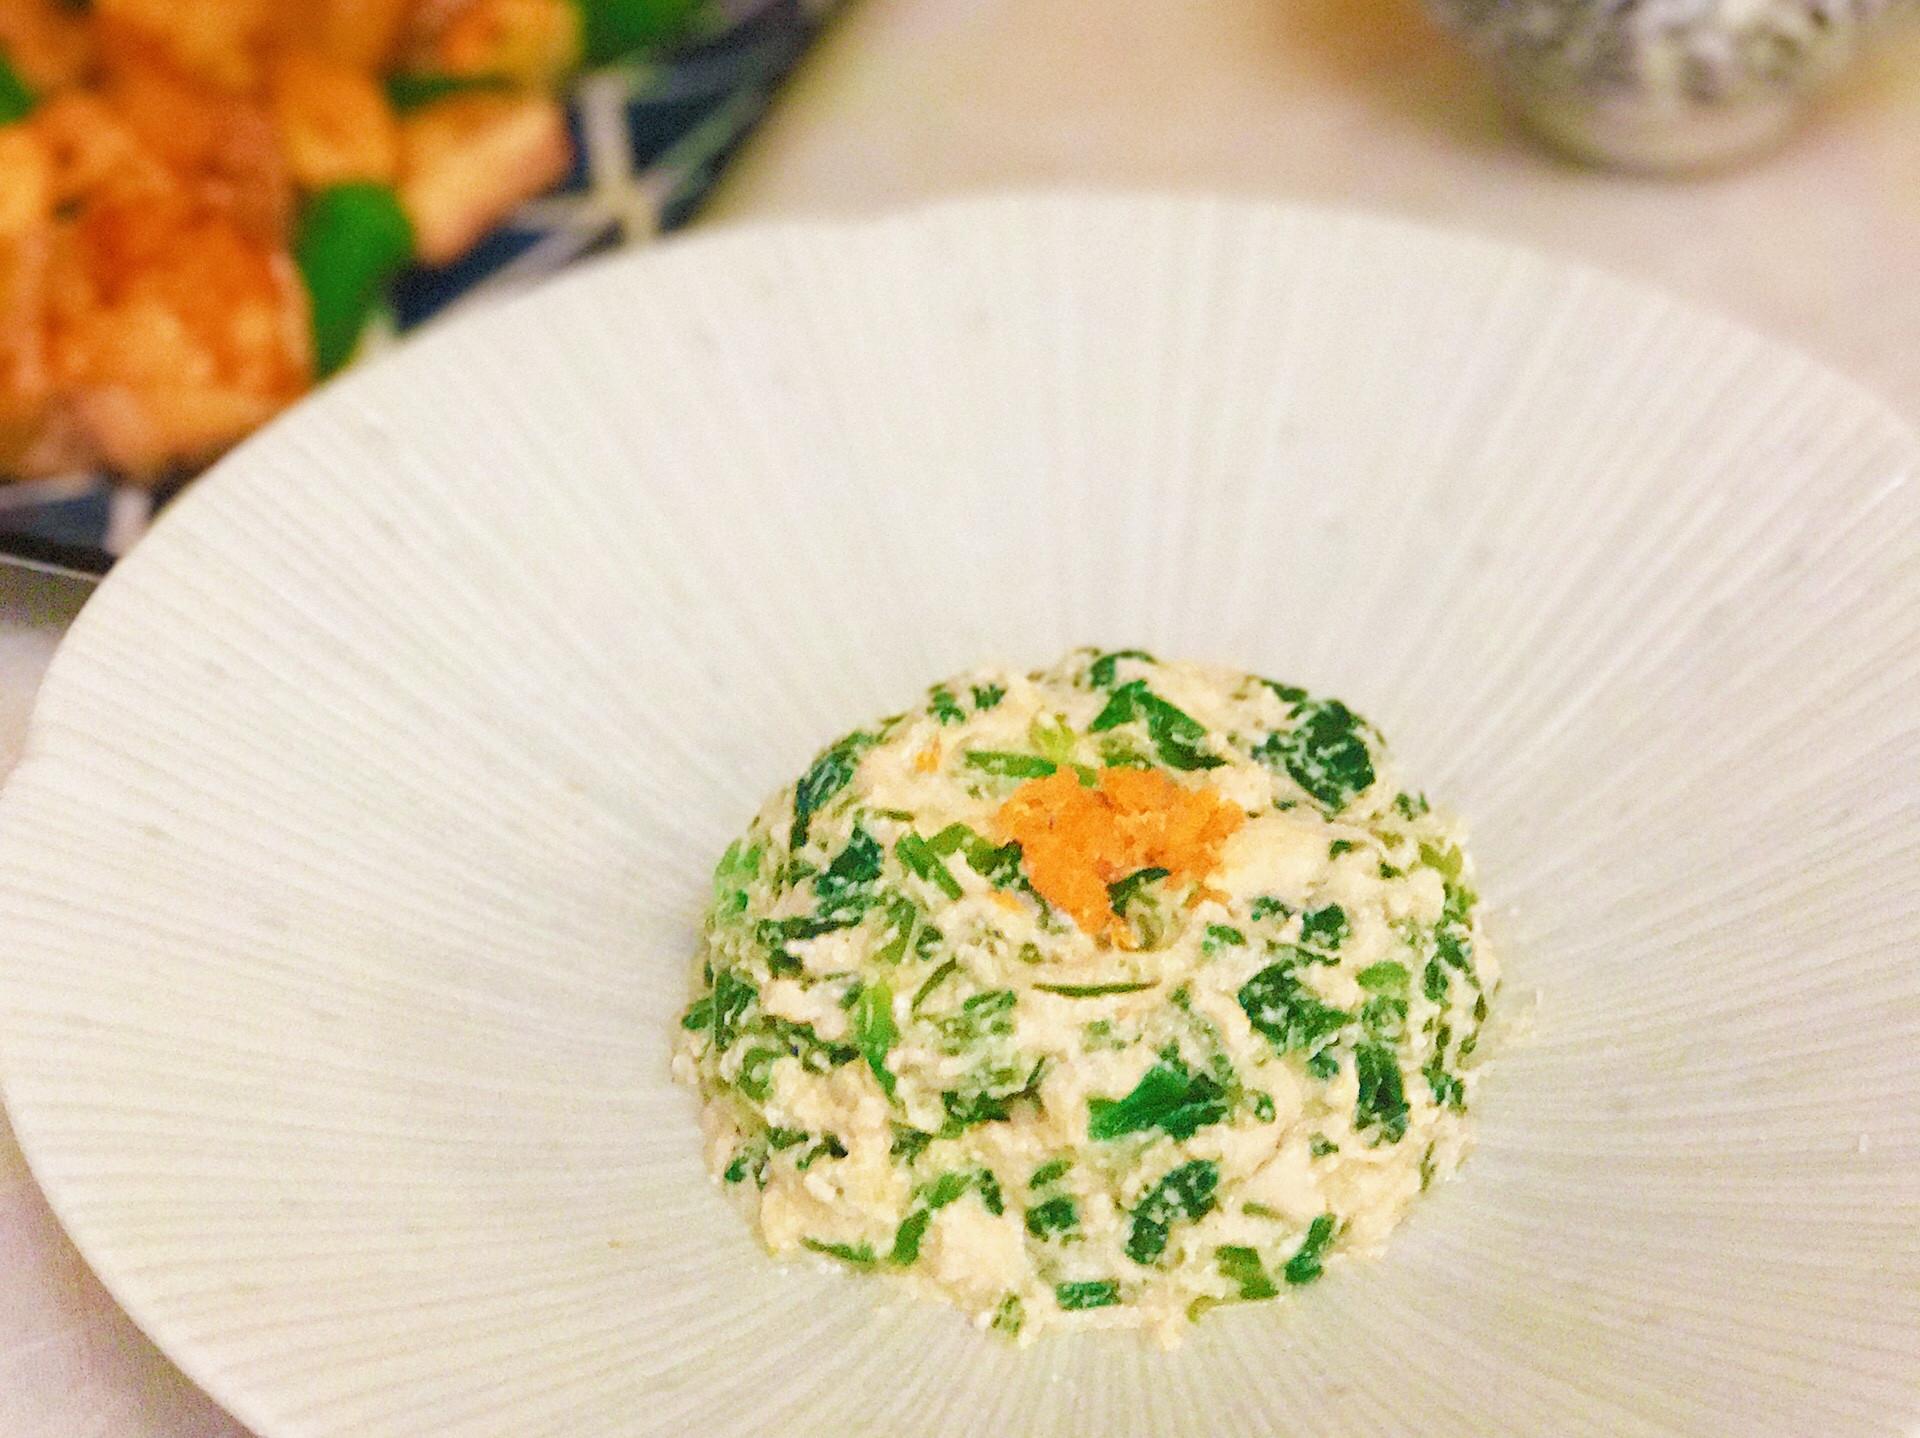 芝麻味增豆腐醬拌菠菜